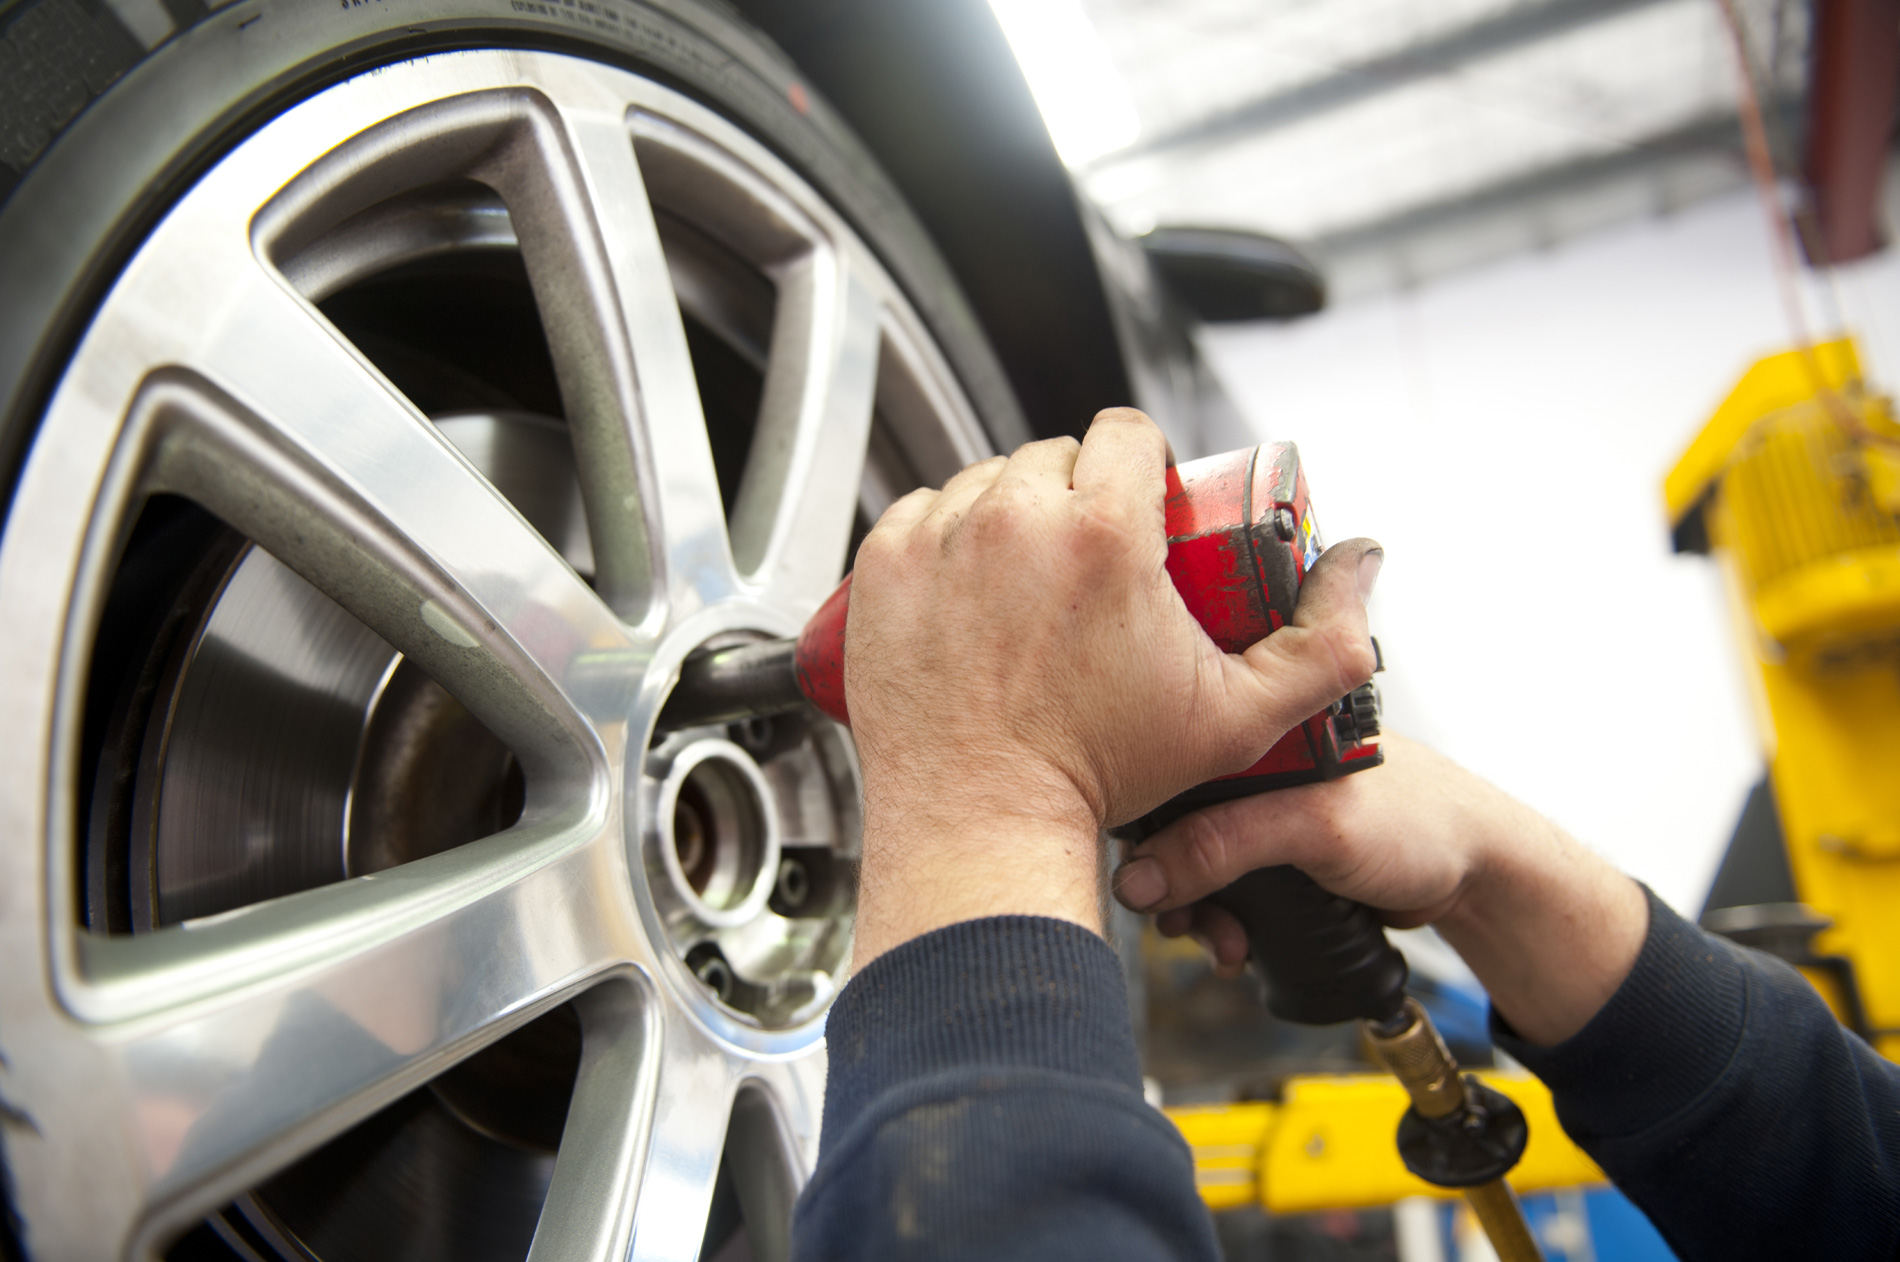 Lo sviluppo dell'automotive e la sicurezza degli operatori professionali e del soccorso